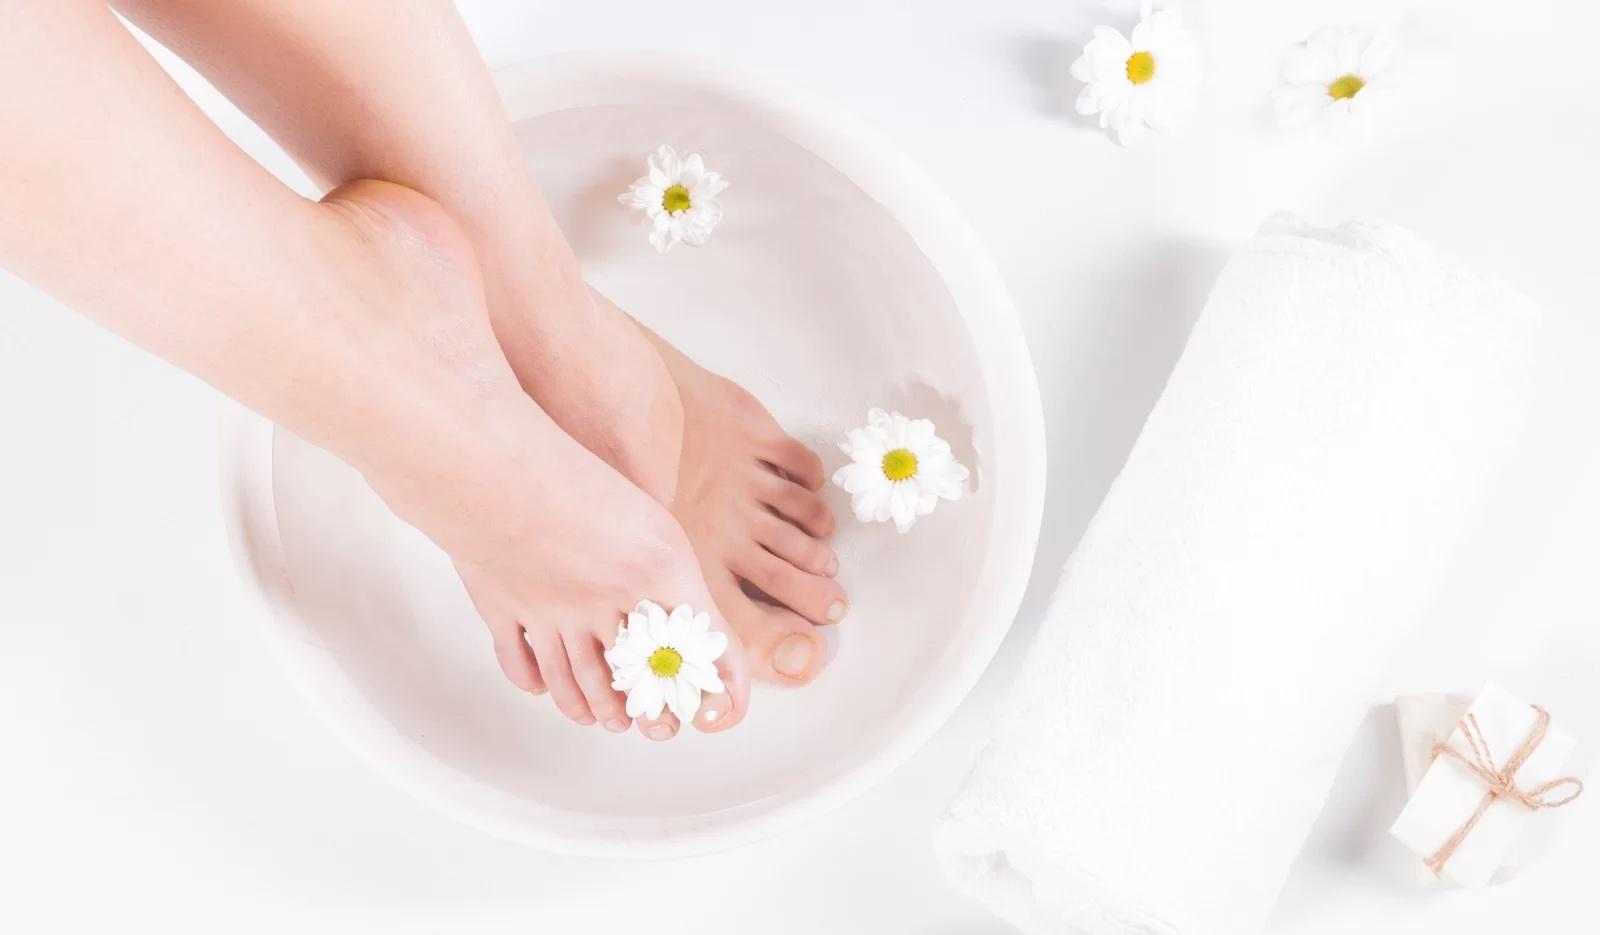 Baño de pies para aliviar los juanetes